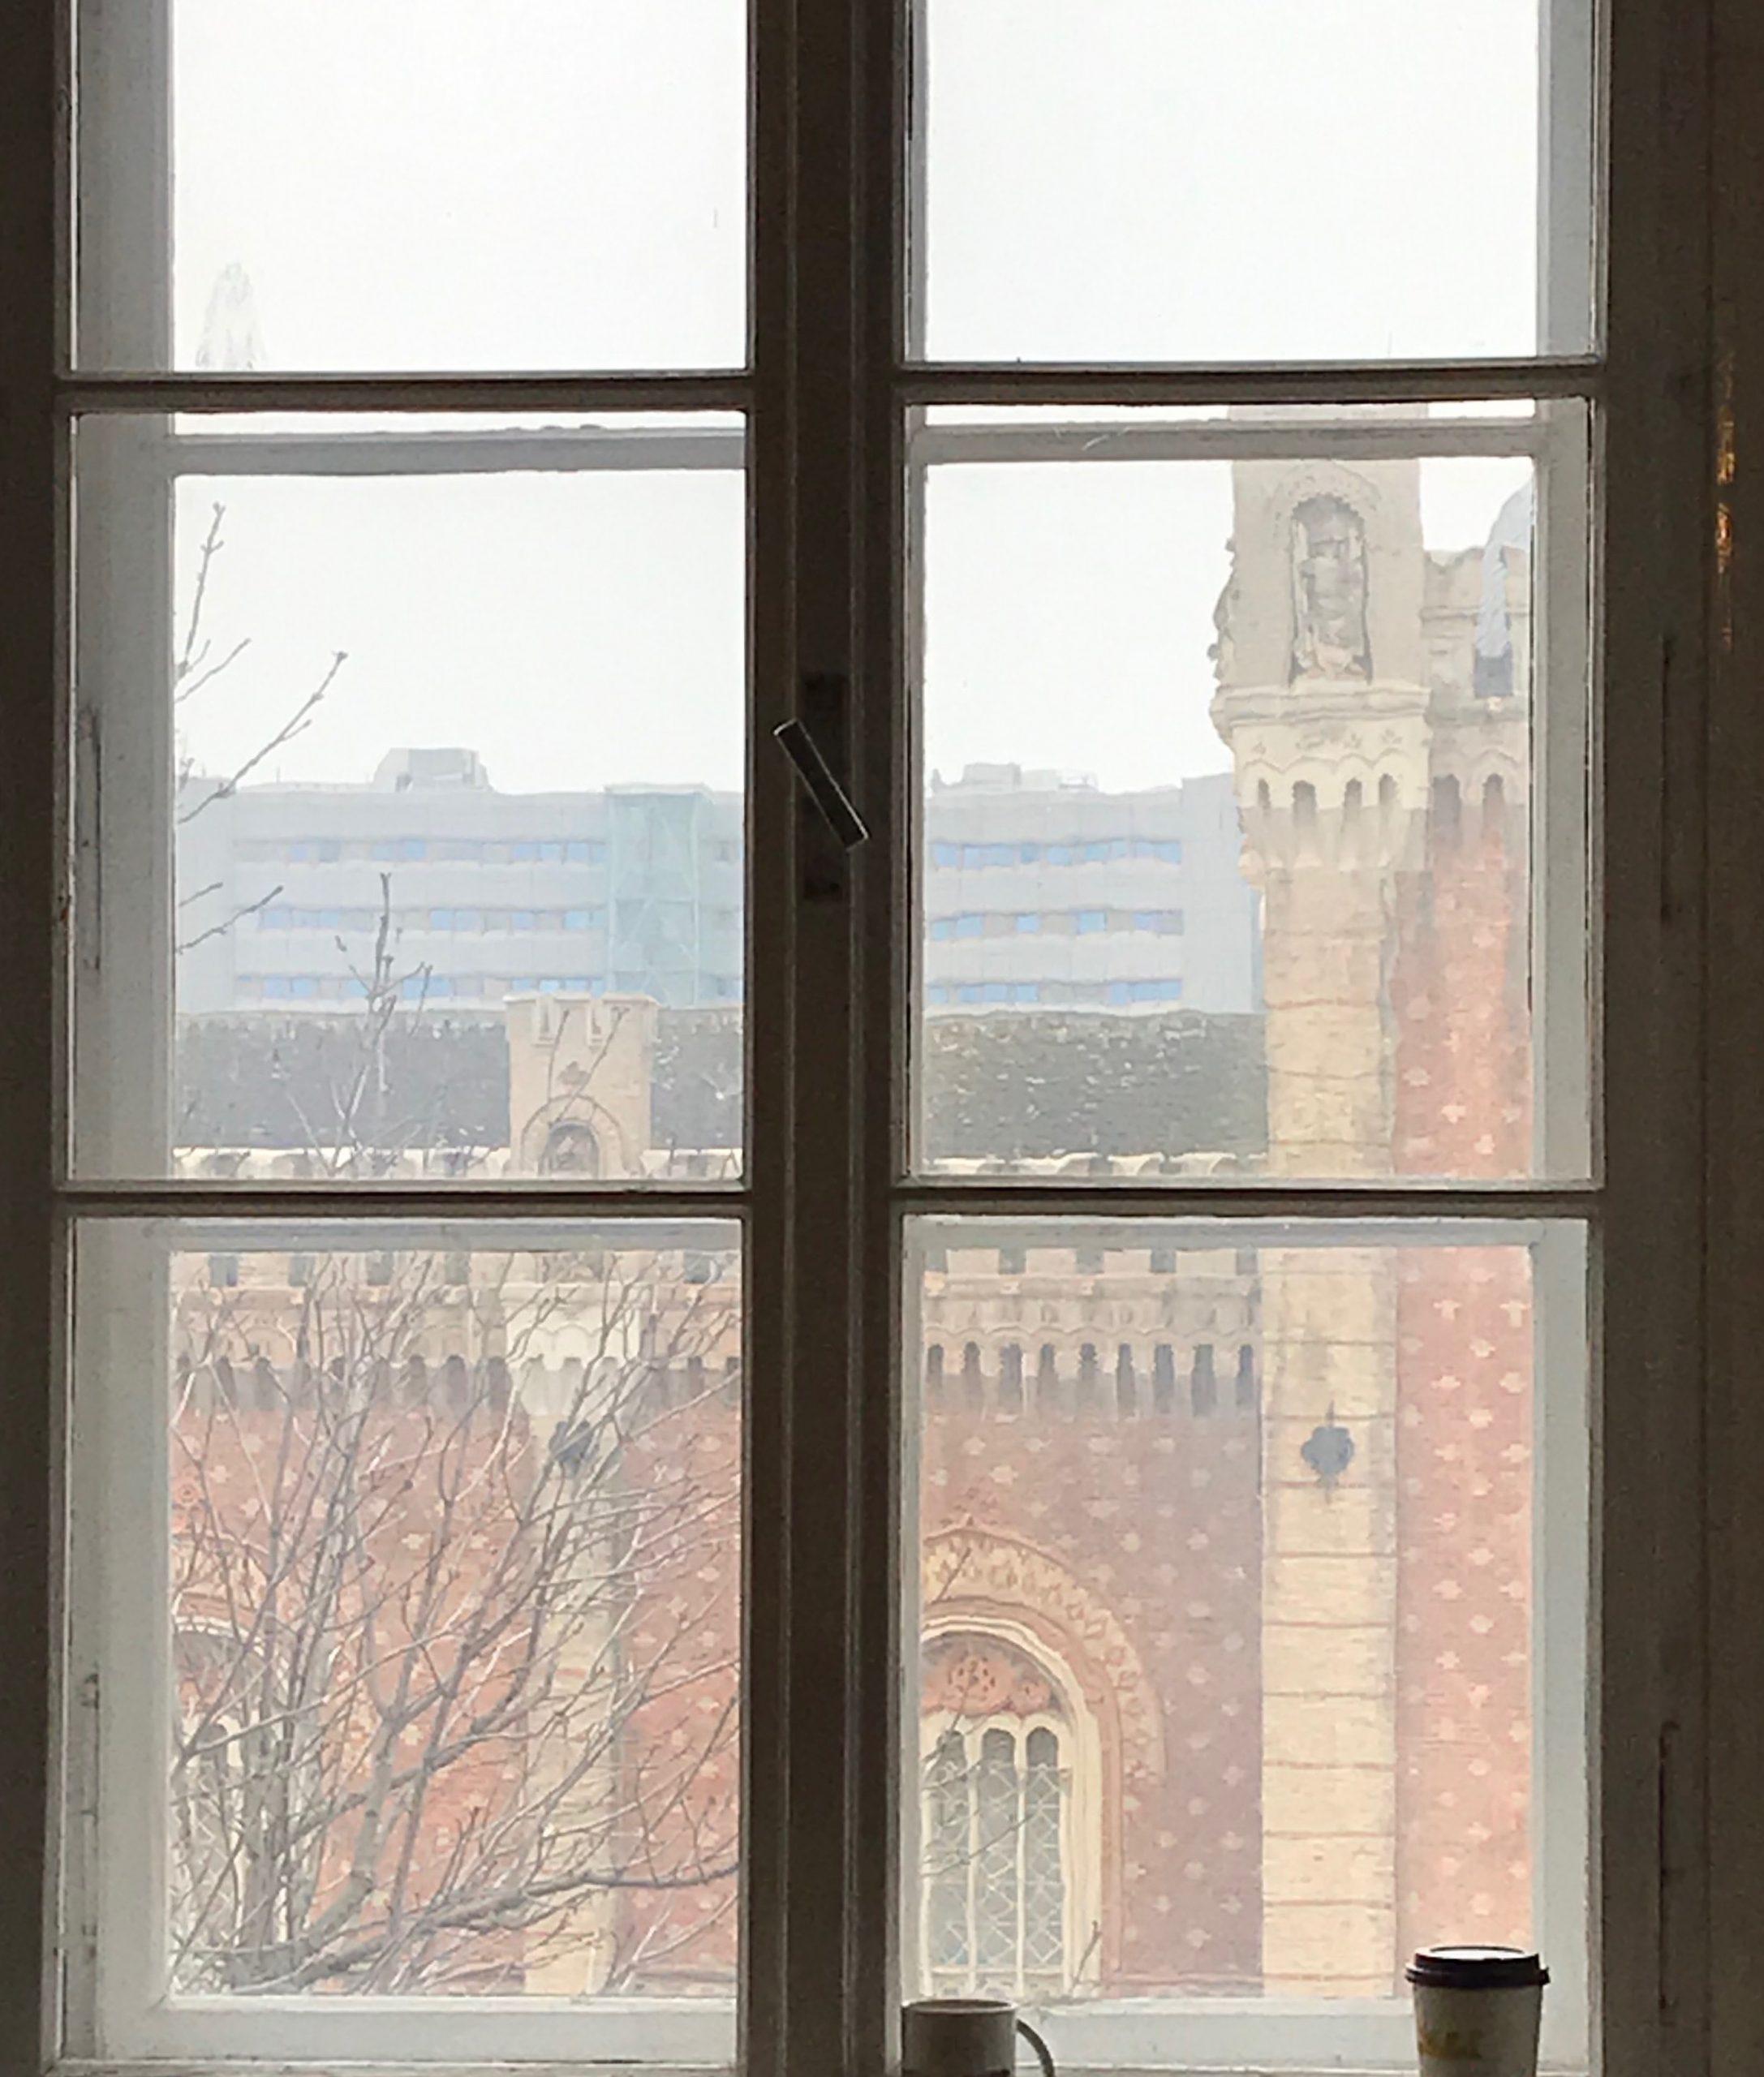 Fenster in die Vergangenheit: Blick vom Veranstaltungsort auf das HGM